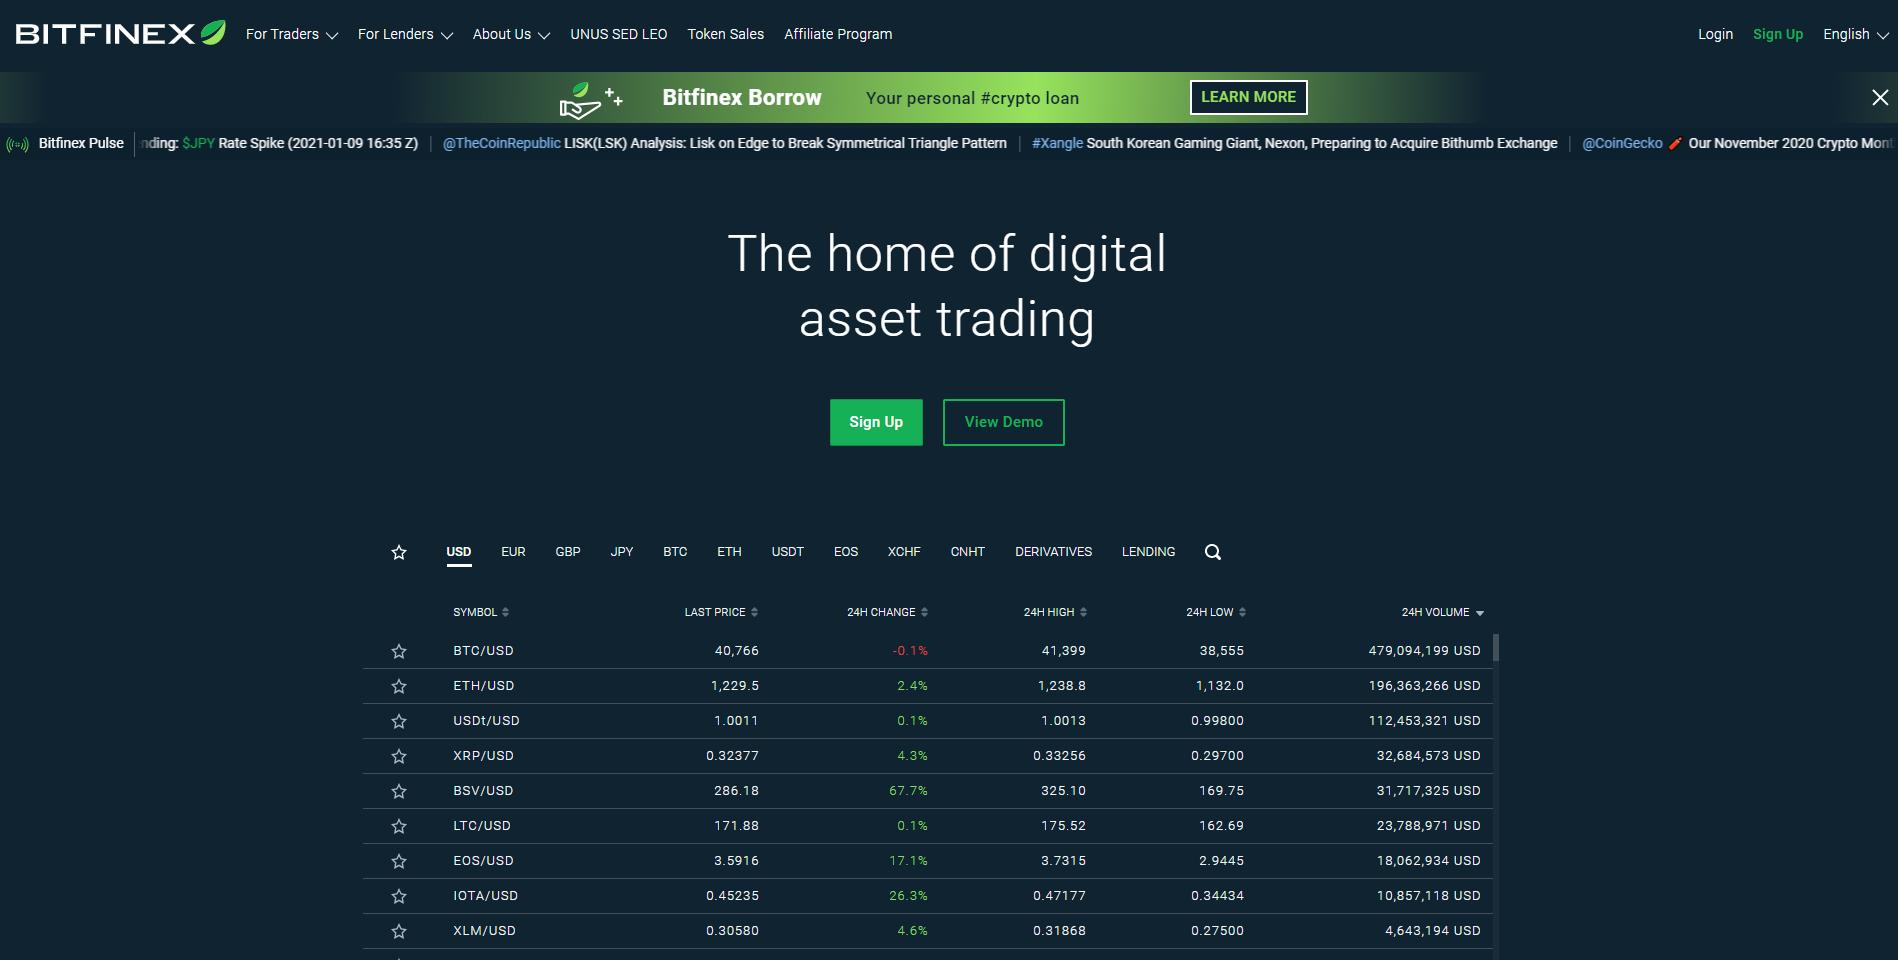 Official website of Bitfinex